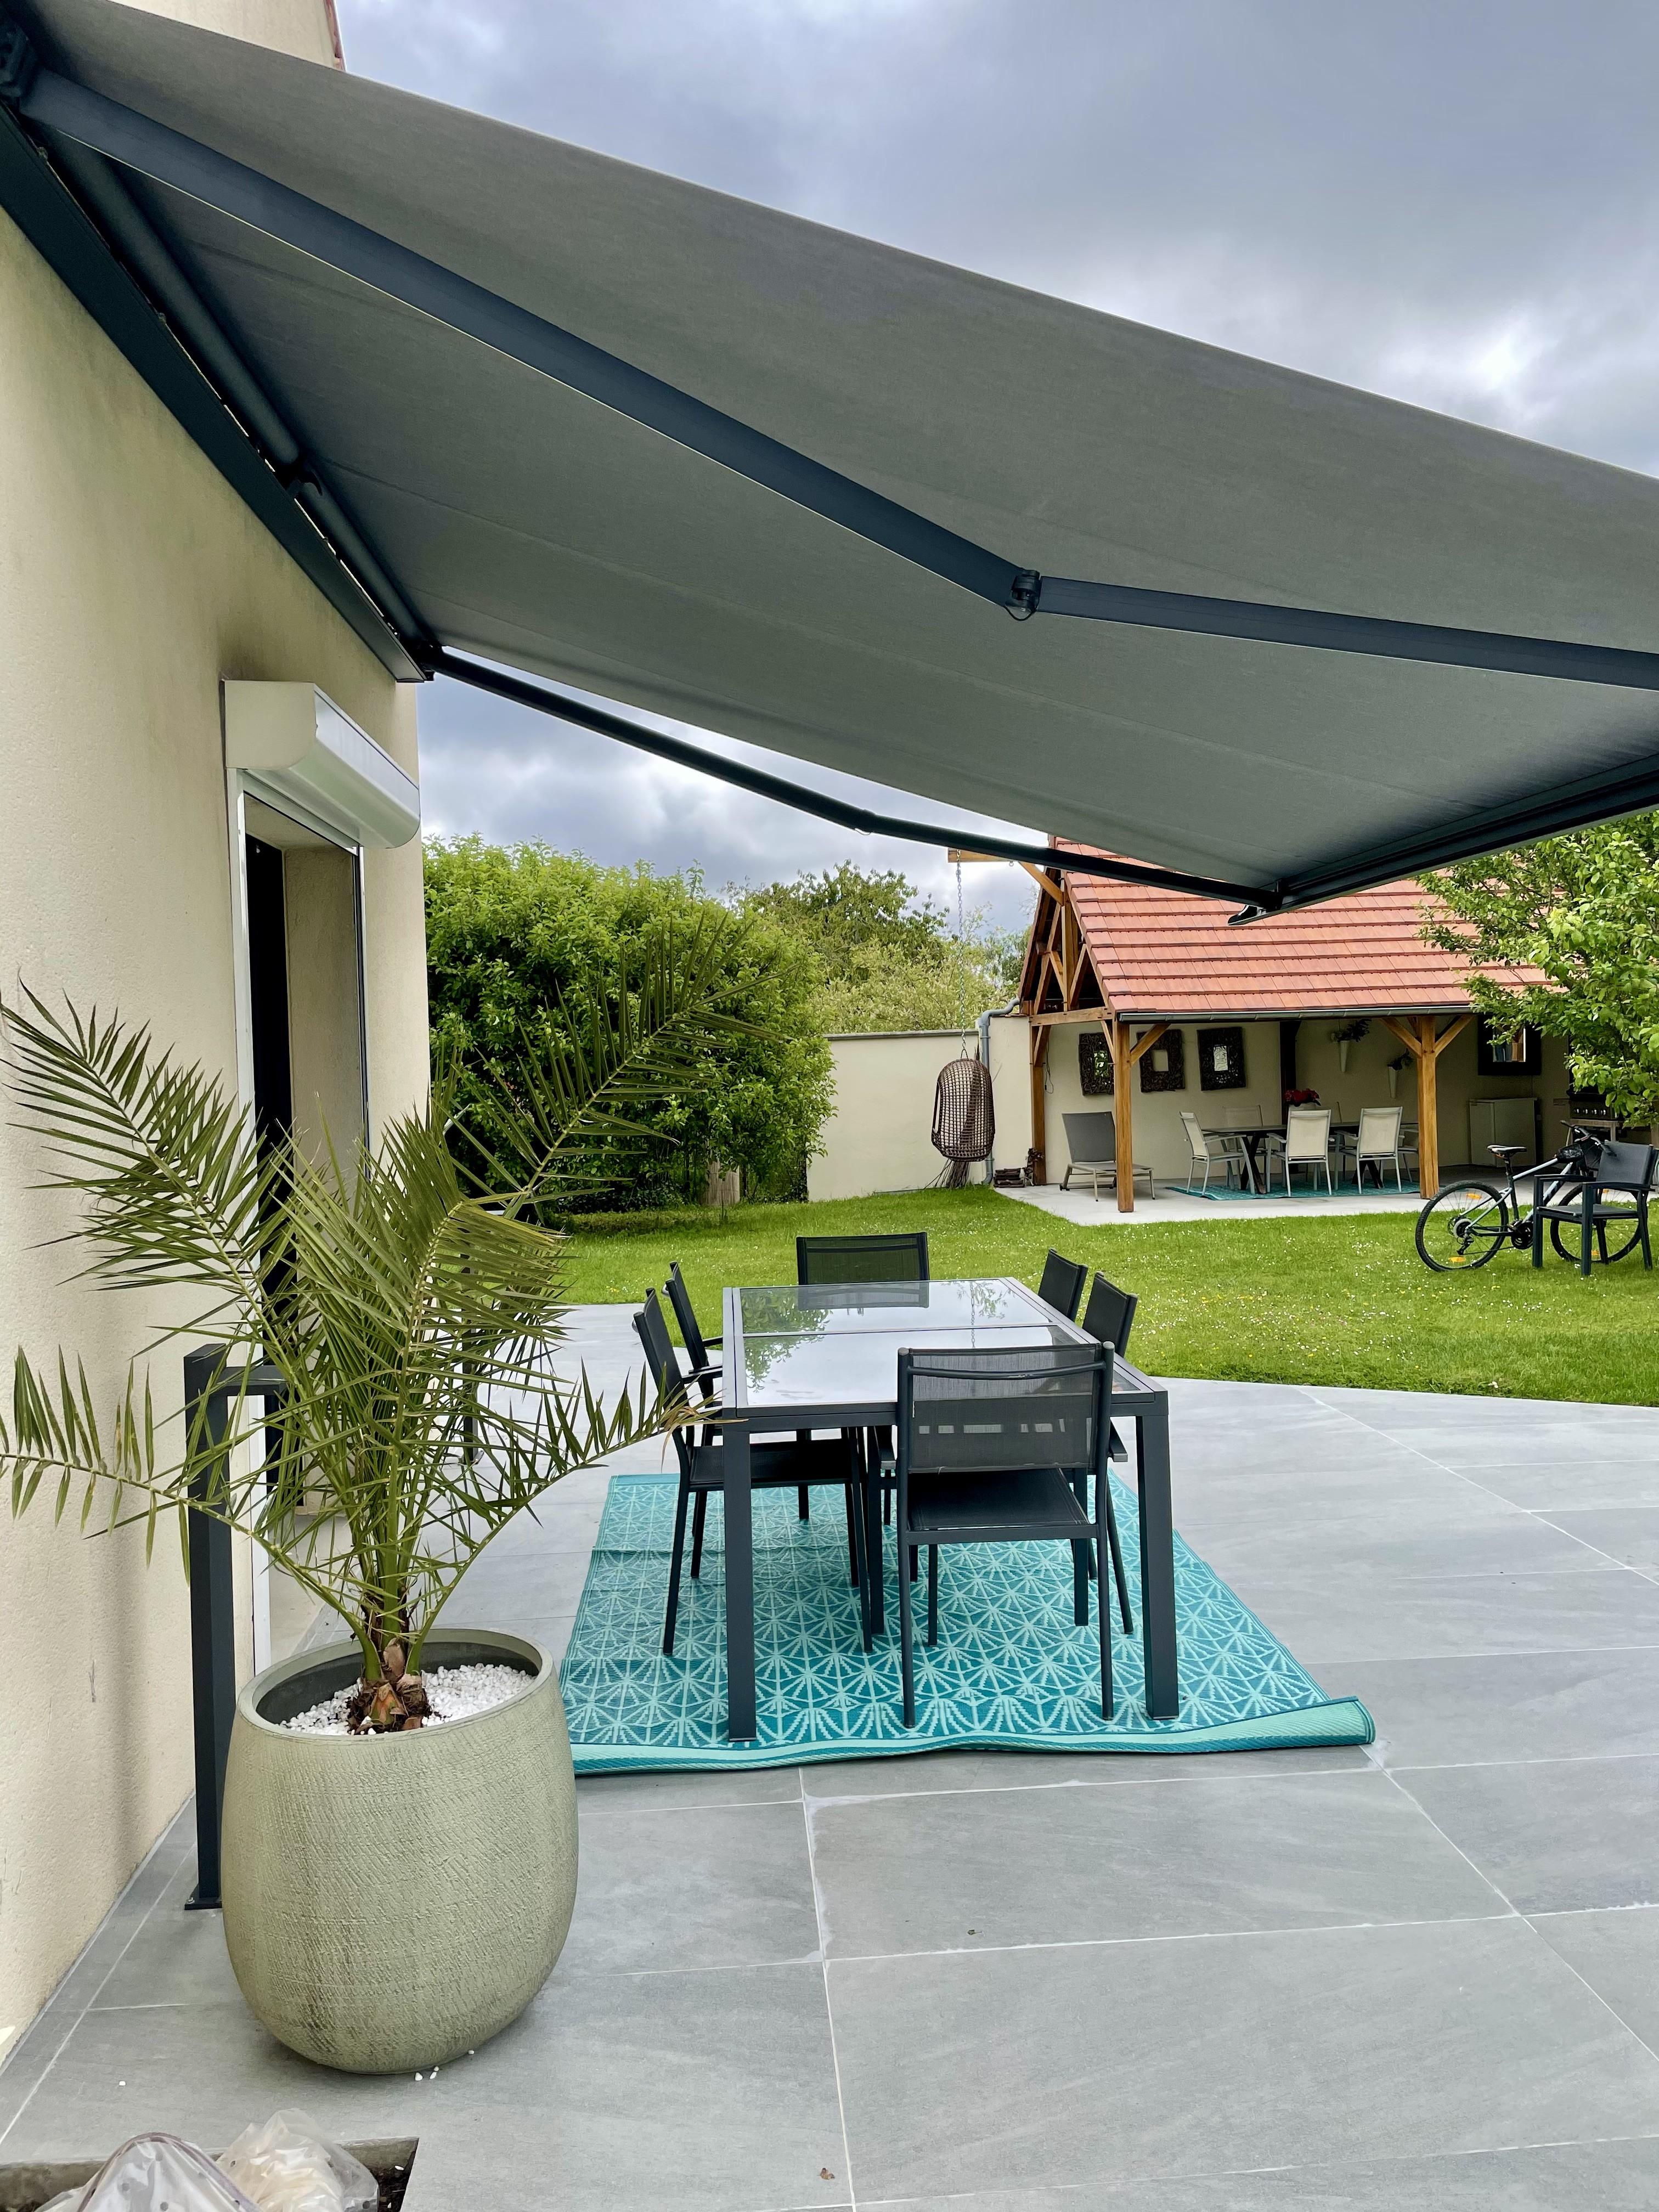 Peggy guezello ame nagement de jardi et terrasse avec store